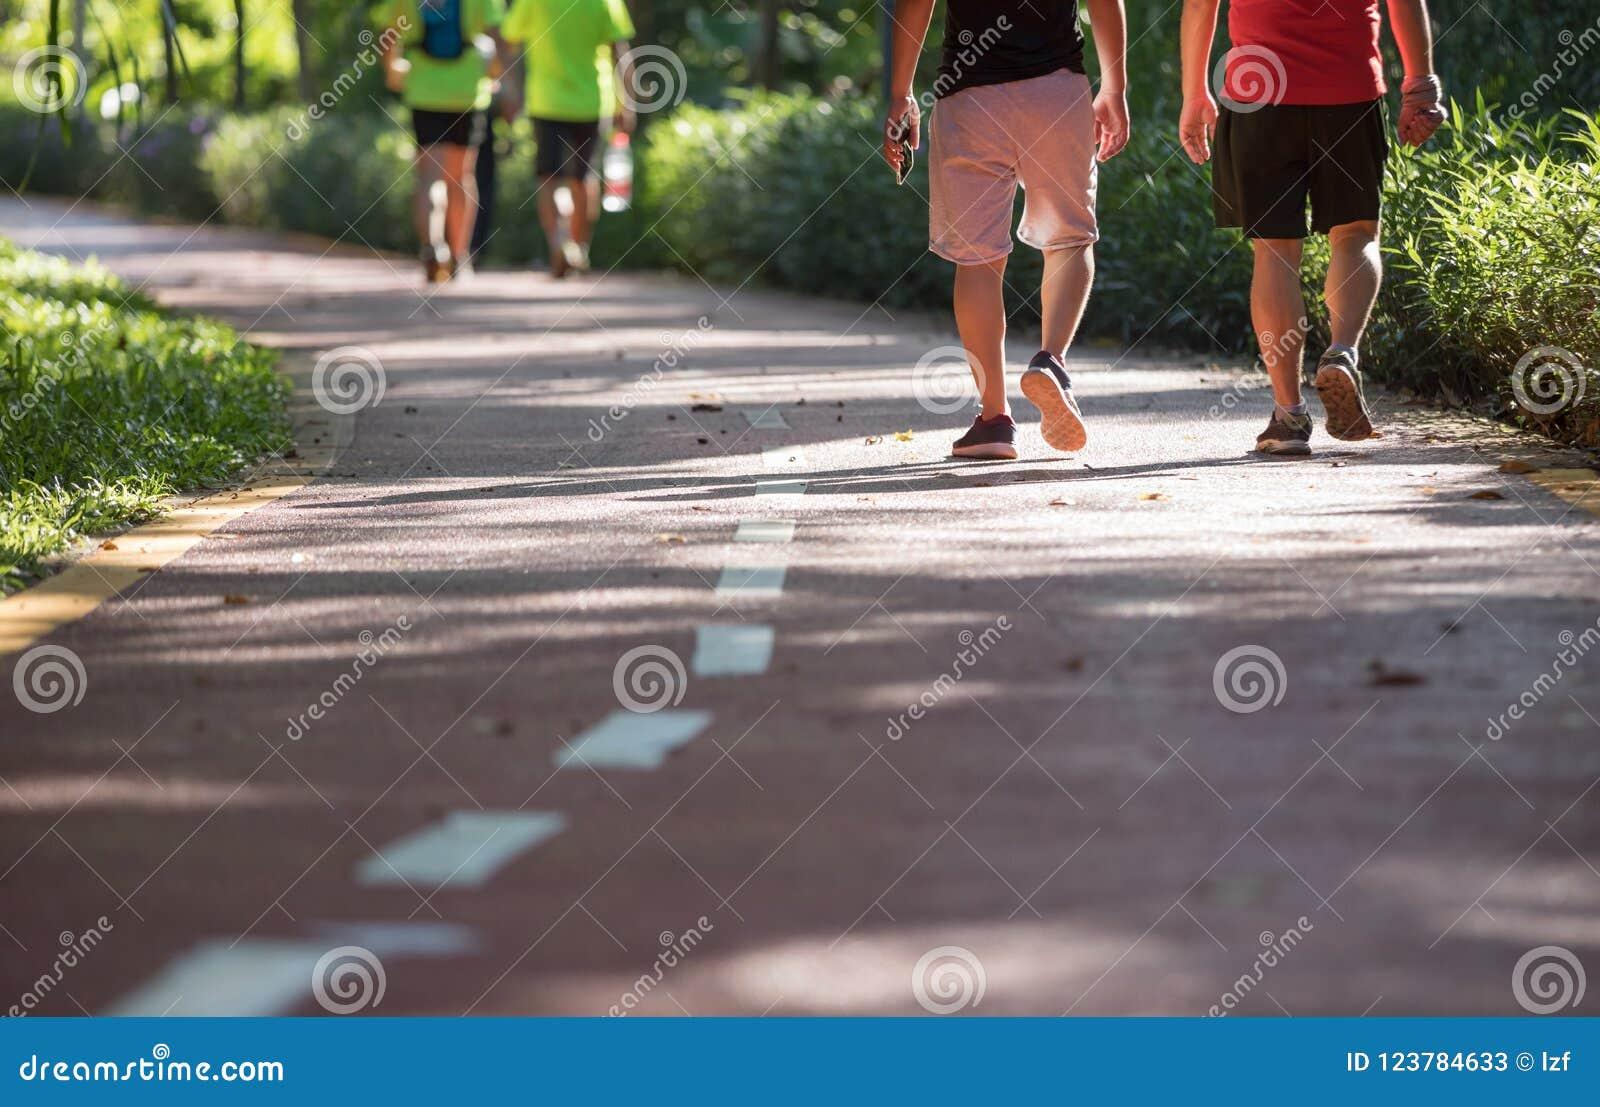 Μέσοι ηλικίας άνθρωποι που περπατούν στο ηλιόλουστο ίχνος πάρκων